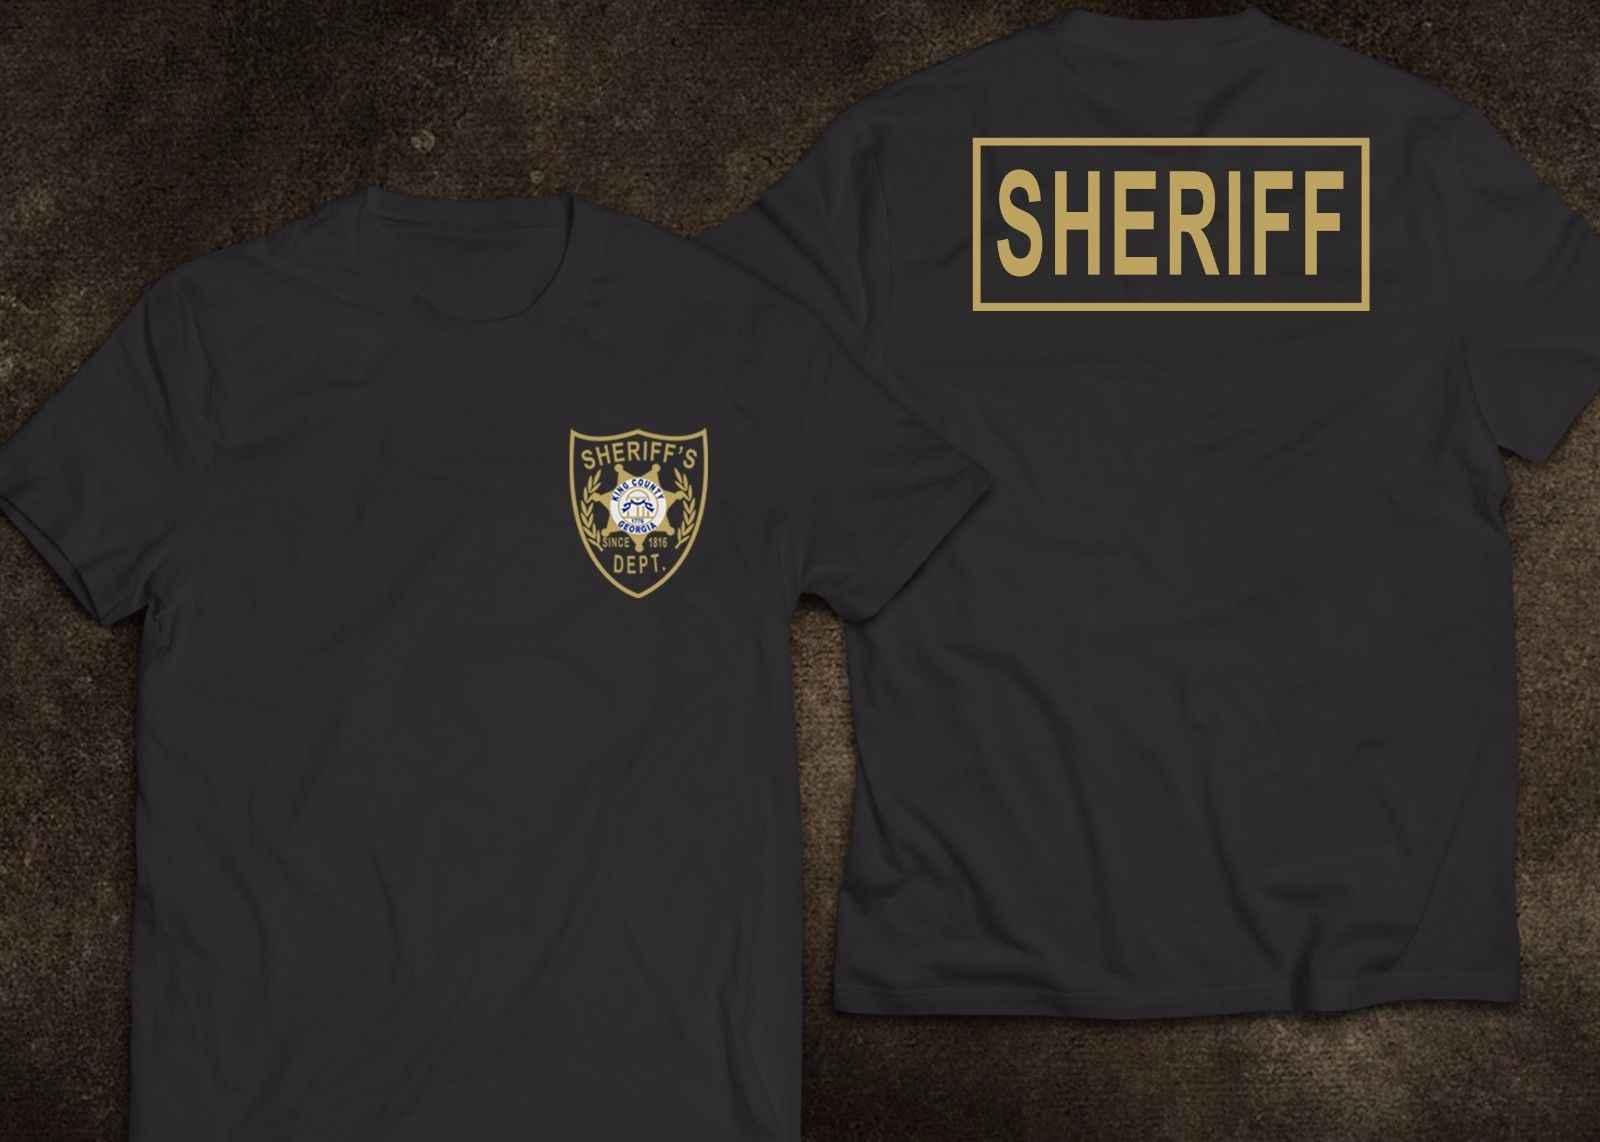 a7c9516f25af Подробнее Обратная связь Вопросы о Мода 2019 г. новый шериф Кинг ...